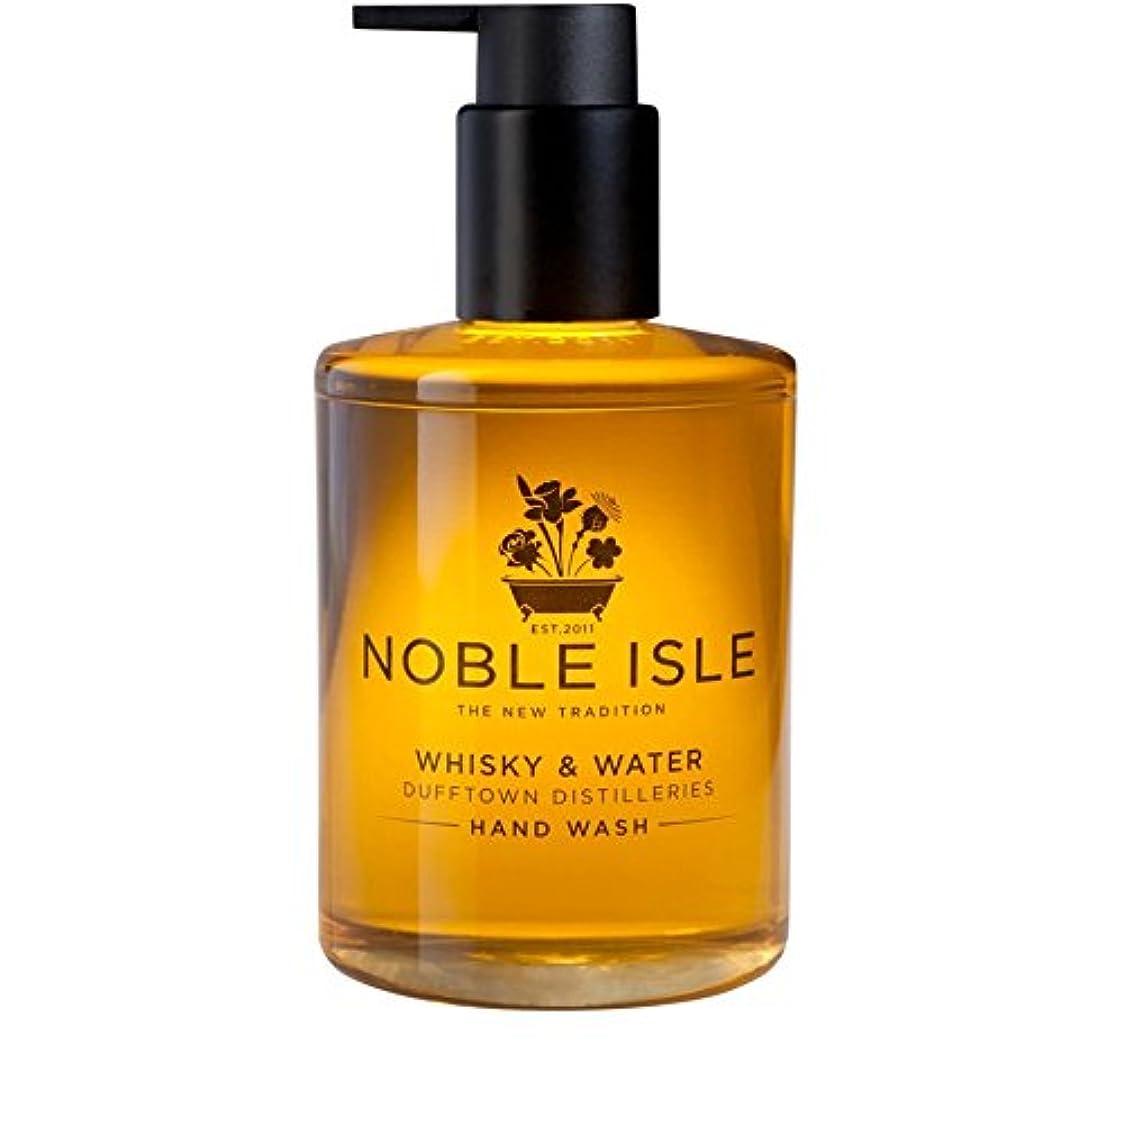 願望わがまま顧問Noble Isle Whisky and Water Dufftown Distilleries Hand Wash 250ml - 高貴な島の水割りの蒸留所のハンドウォッシュ250ミリリットル [並行輸入品]